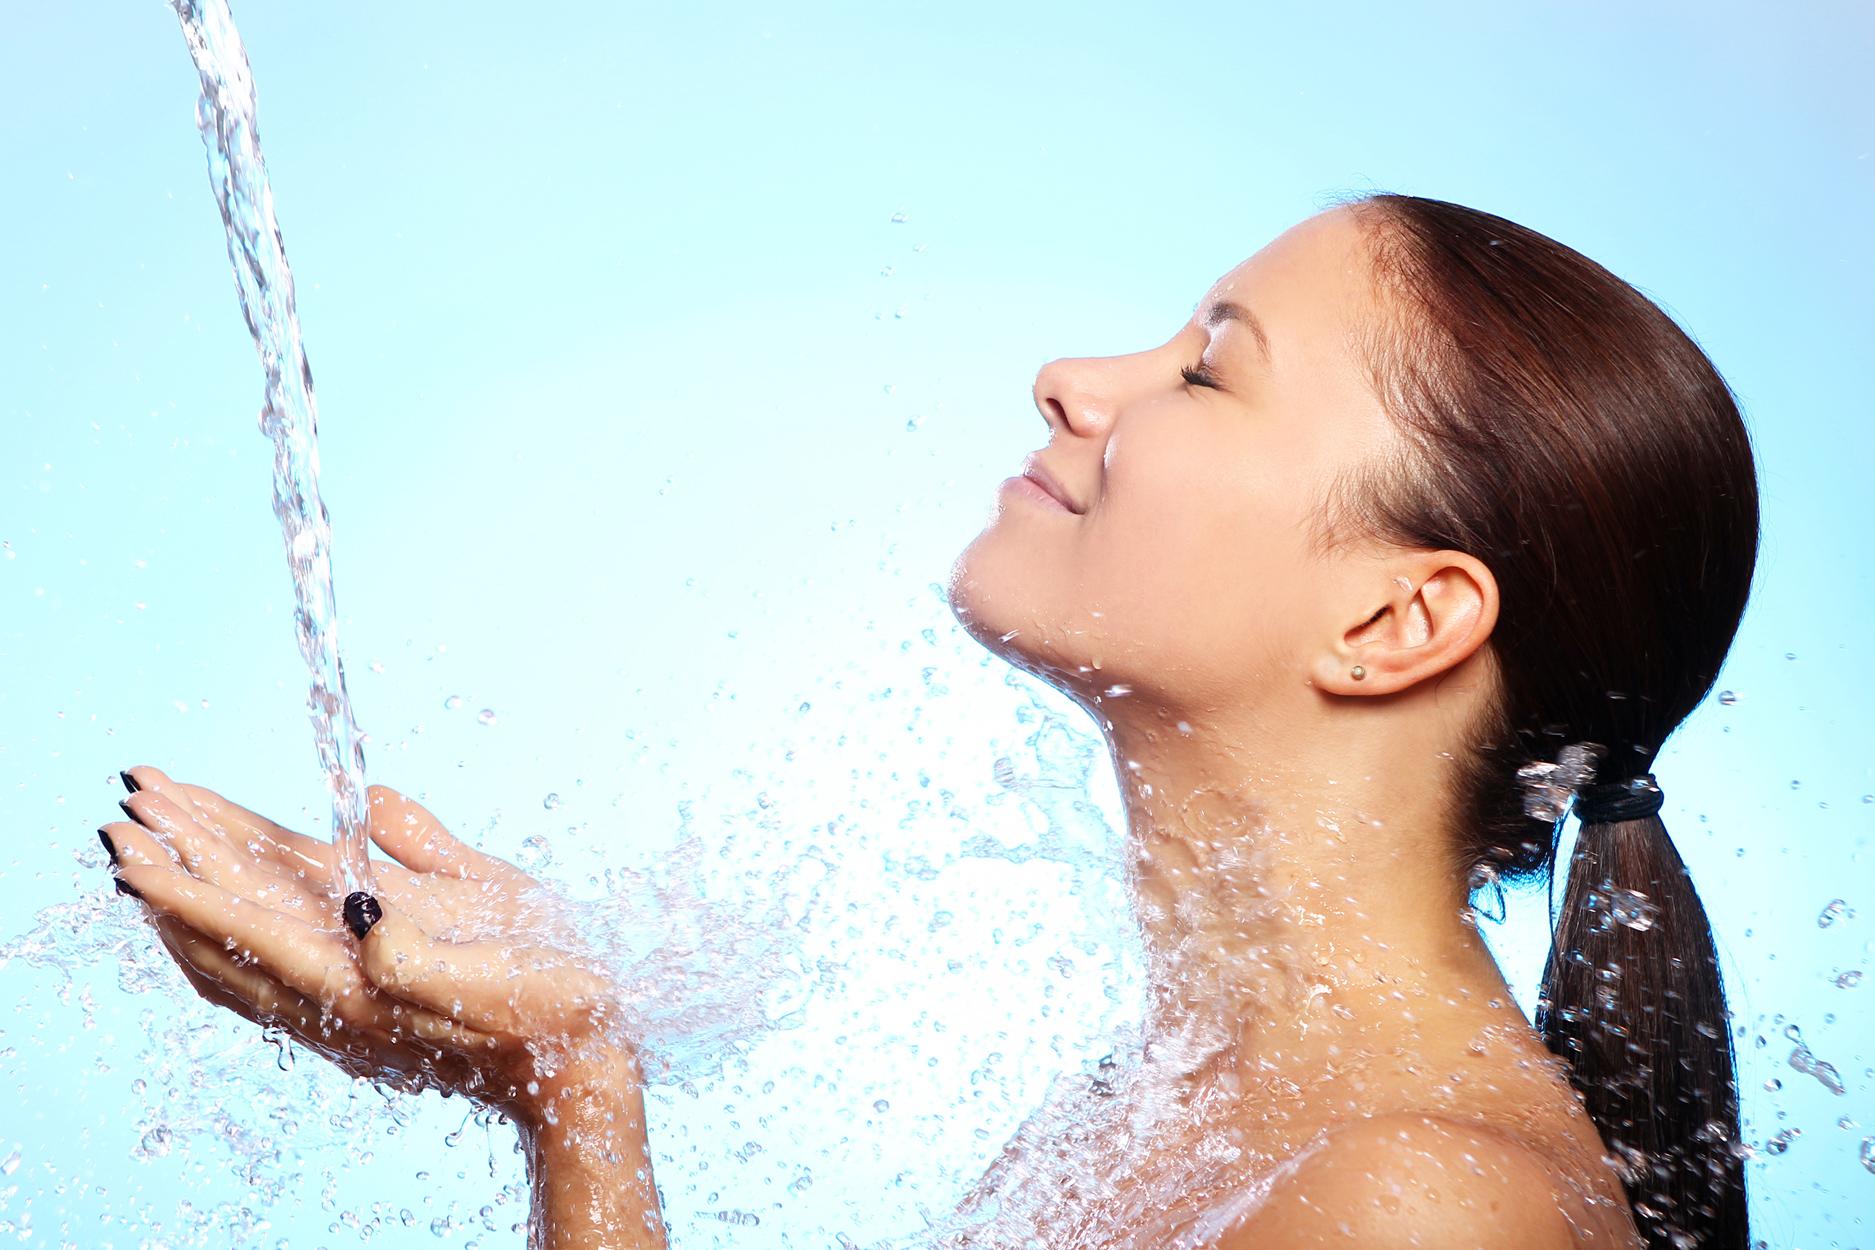 Čo vaša pleť potrebuje najviac? Hydratáciu!